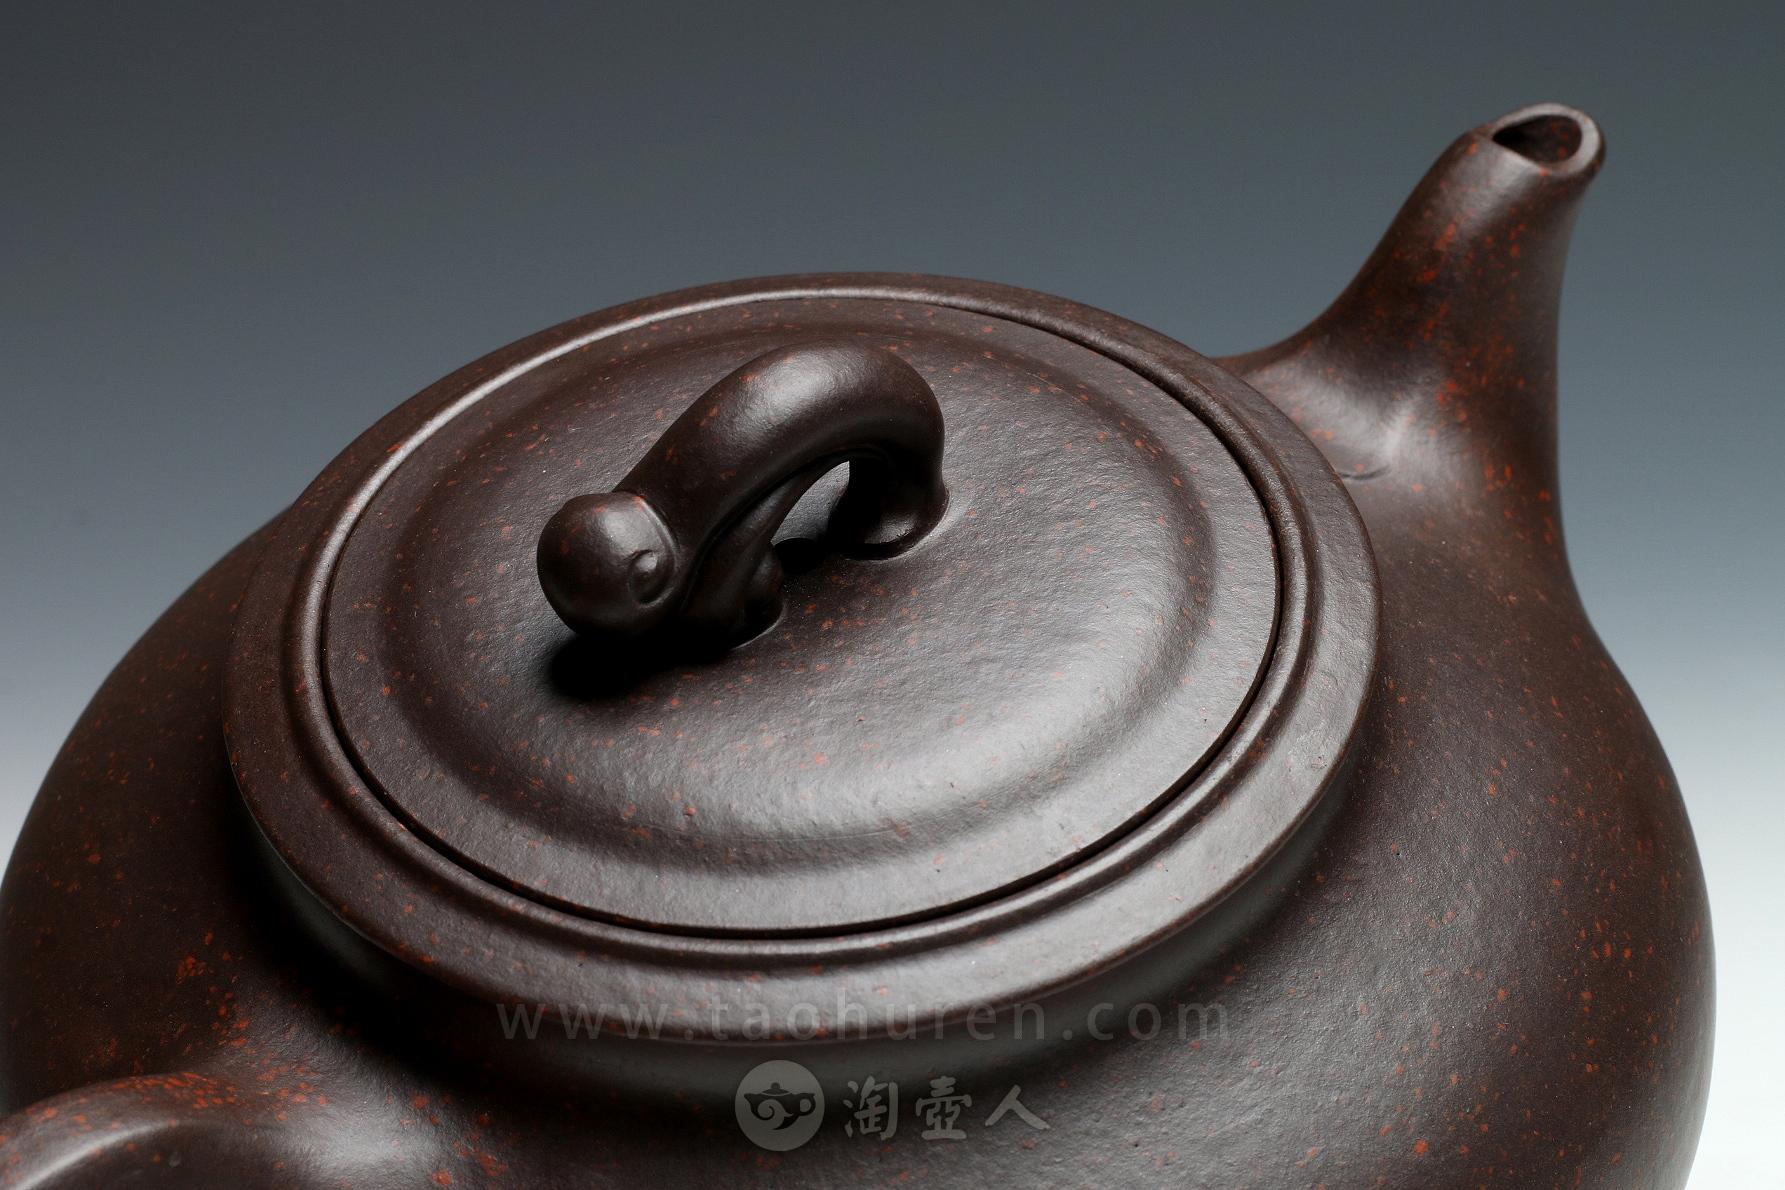 优发娱乐优发娱乐名家汪梅芳优发娱乐-大鱼水情壶